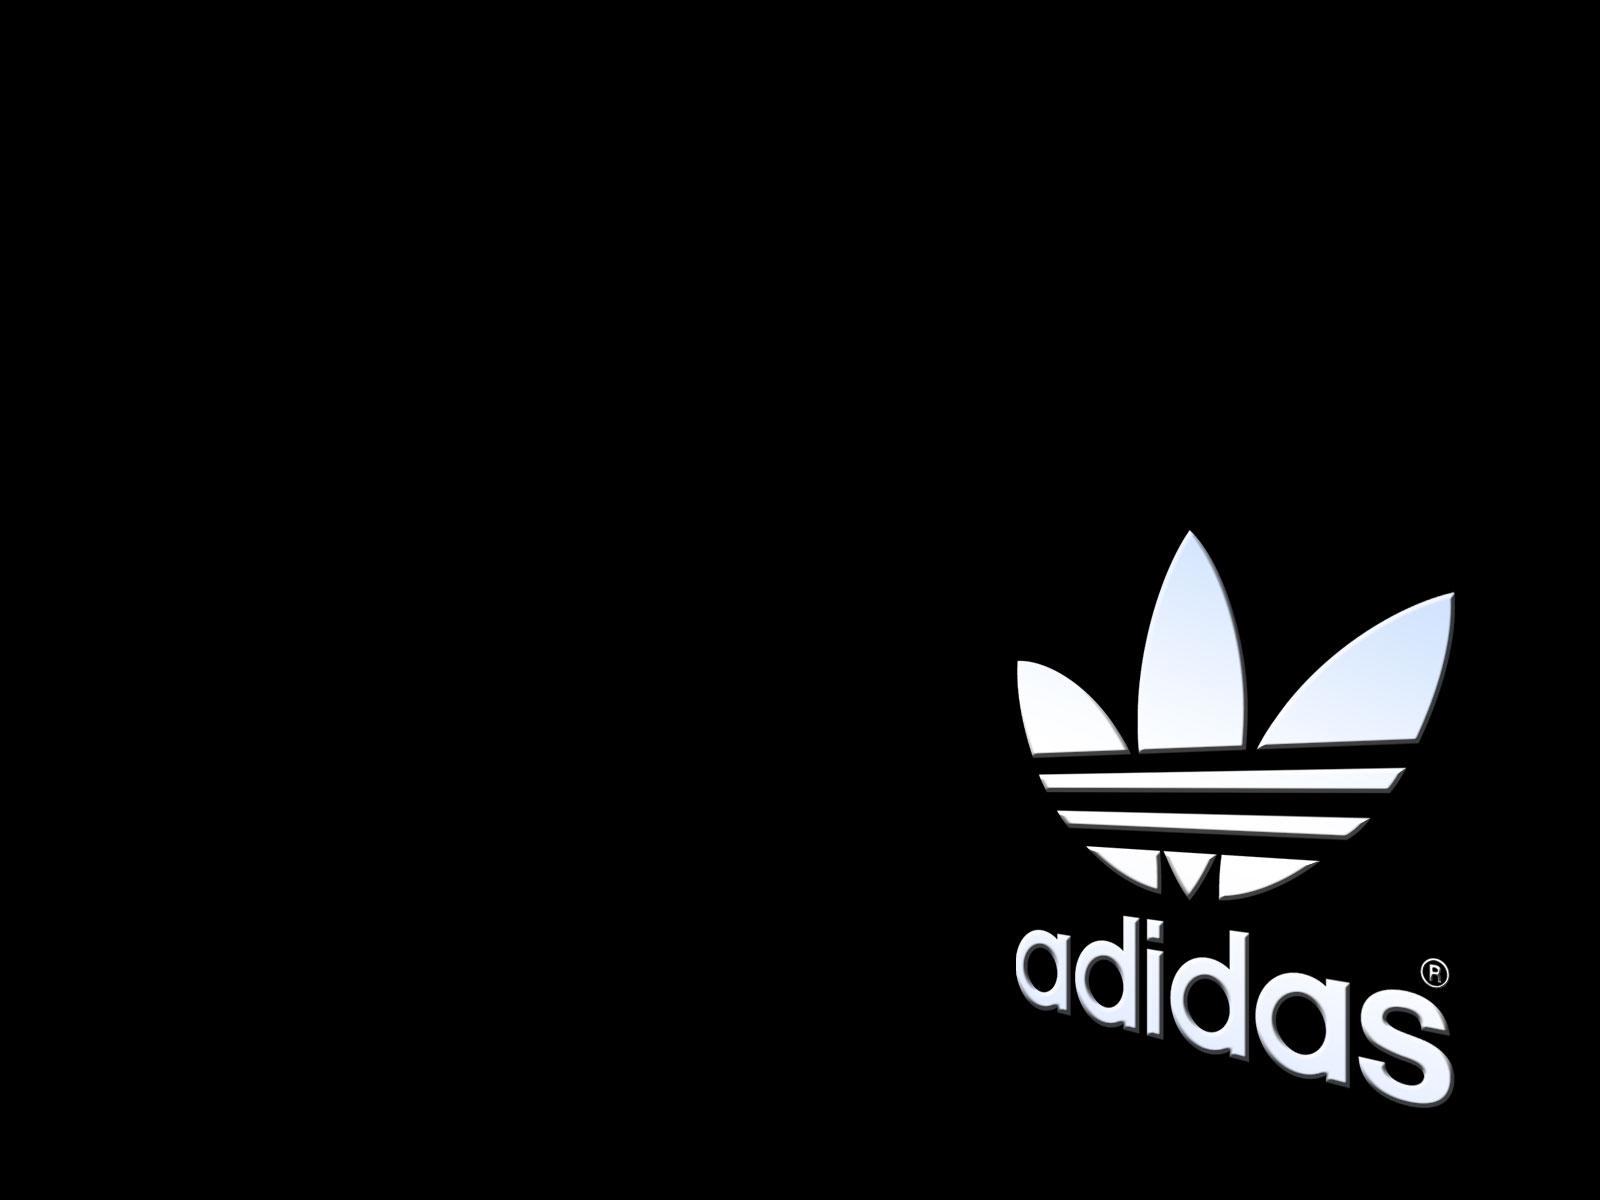 Description Adidas Logo Wallpaper is a hi res Wallpaper for pc 1600x1200